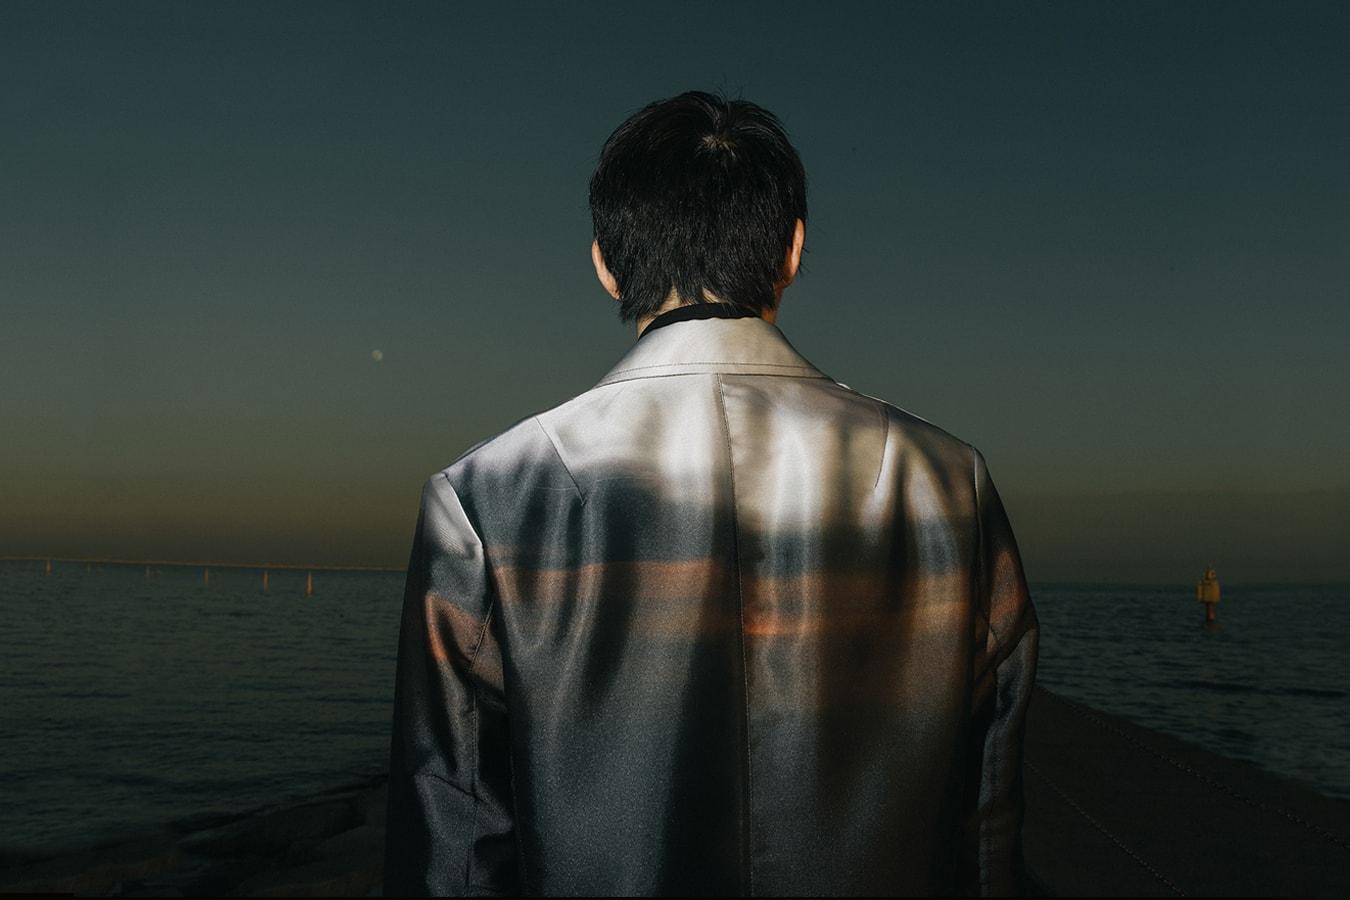 相澤陽介、森川拓野分享疫情下生活轉變與各自品牌 2021 秋冬系列創作背景